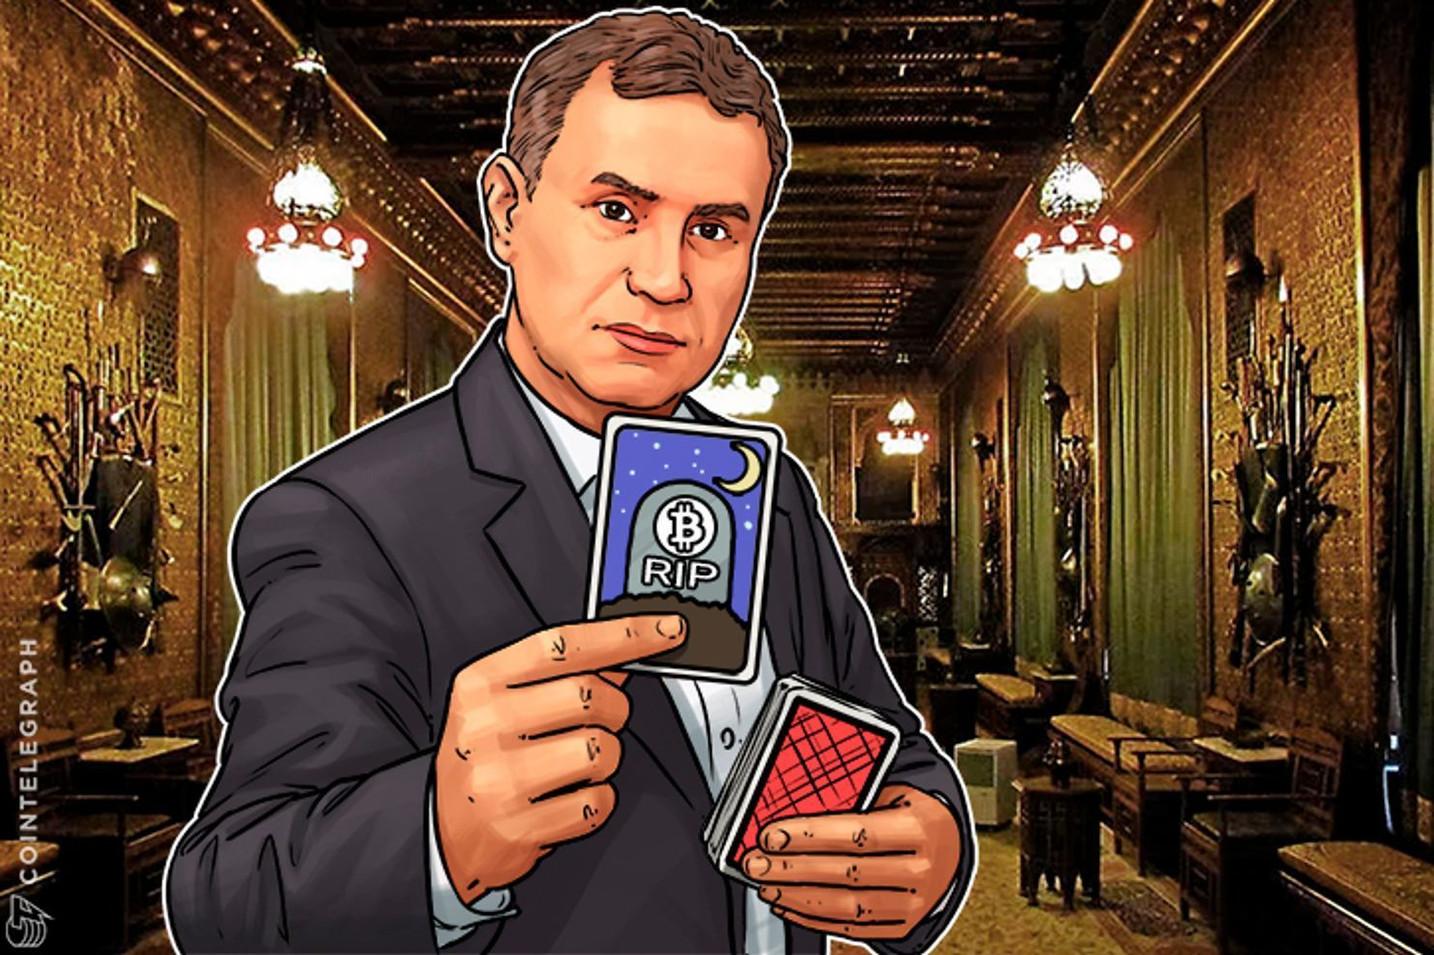 """仮想通貨業界で相次ぐ記録更新  アンチの""""破滅博士""""はどう説明する? 来週、ビットコインのカリスマと一騎打ち"""